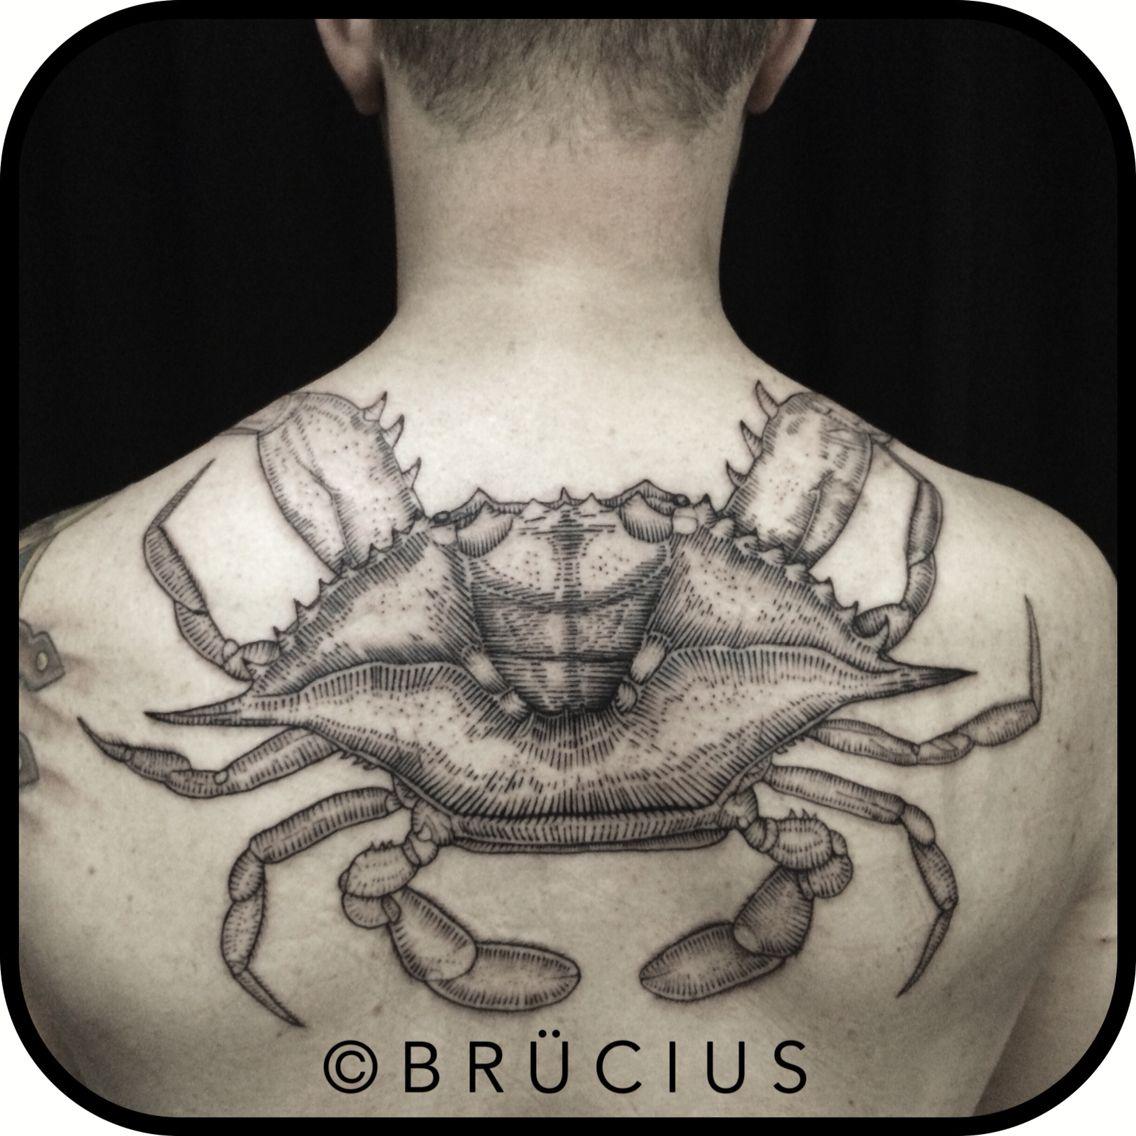 BRÜCIUS #TATTOO #SF #SanFrancisco #brucius #engraving #etching ...